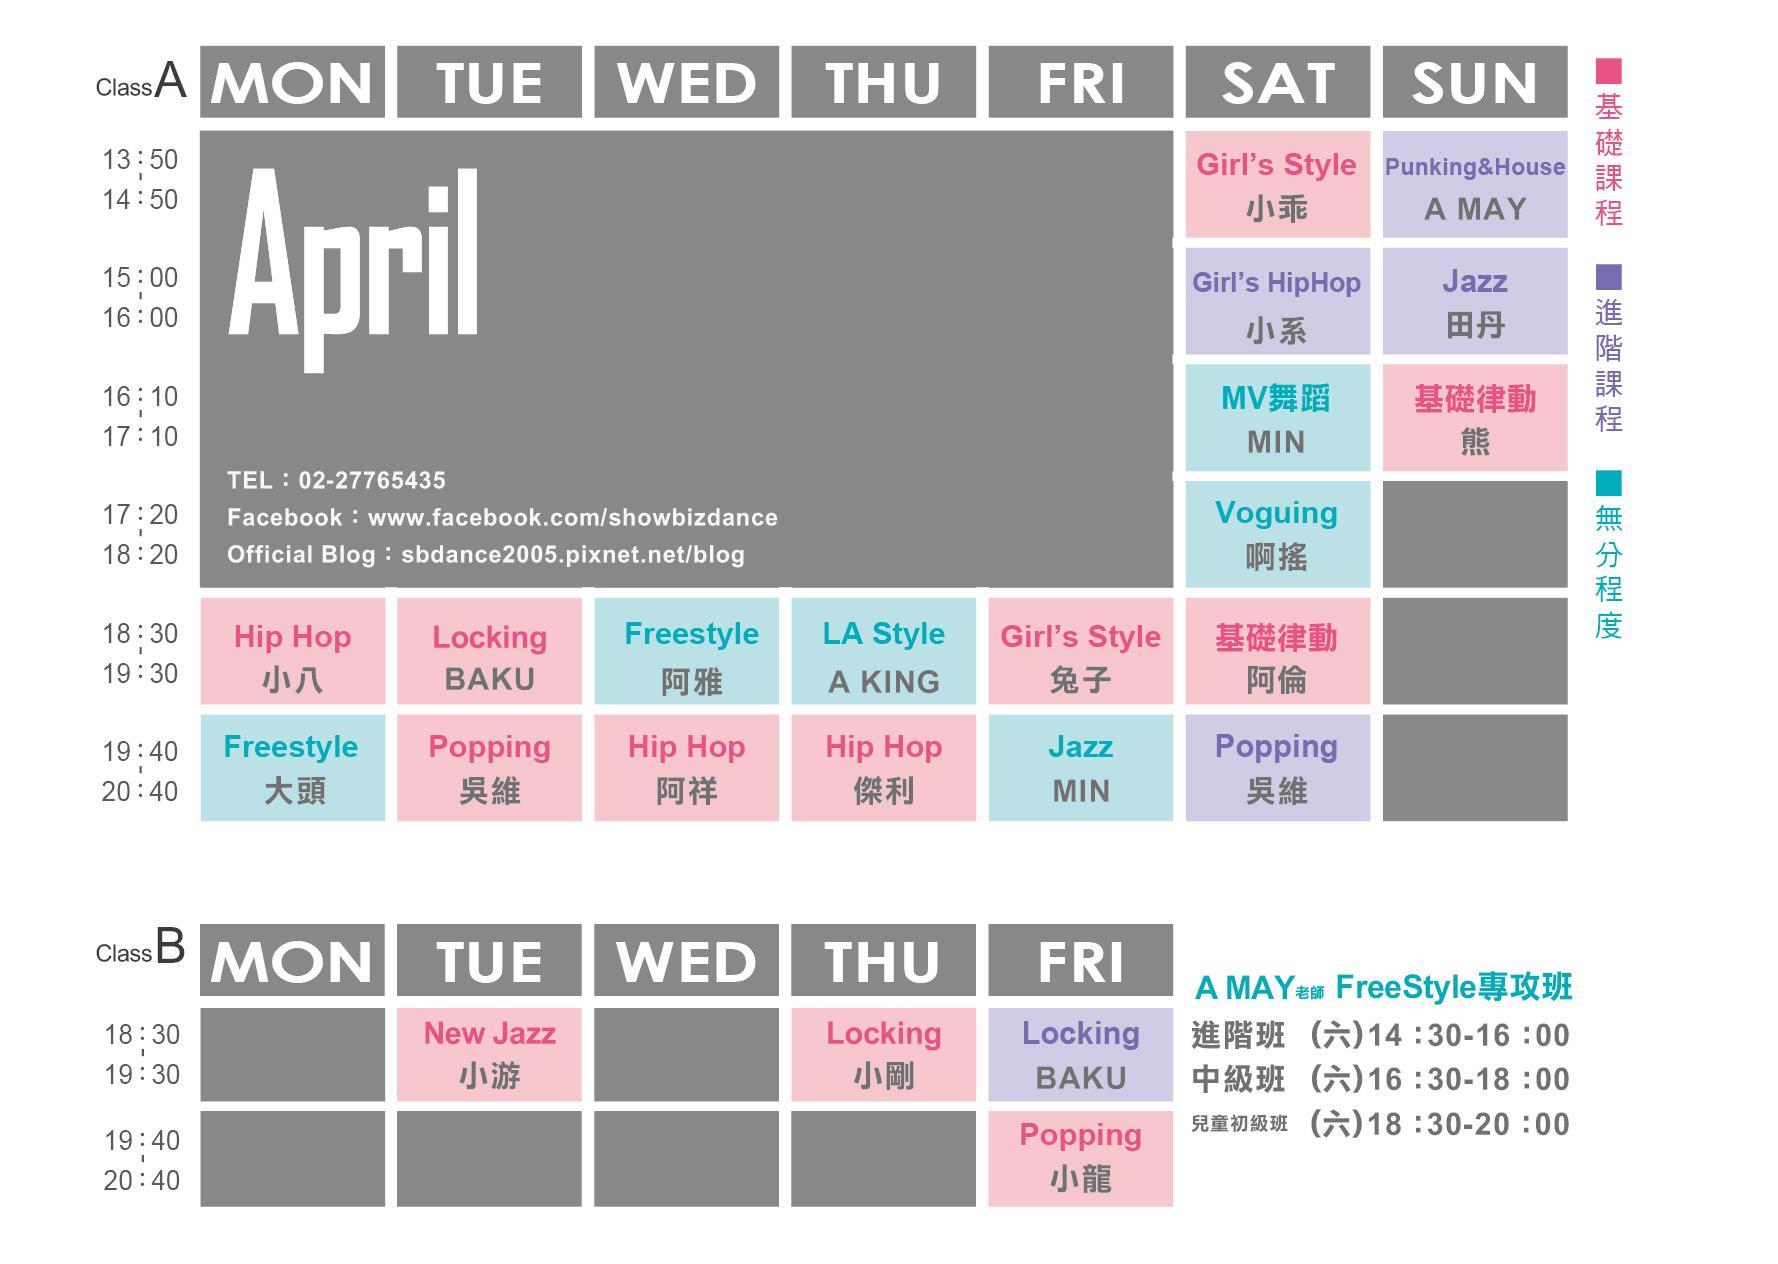 4月課表出爐囉!!!!!!!